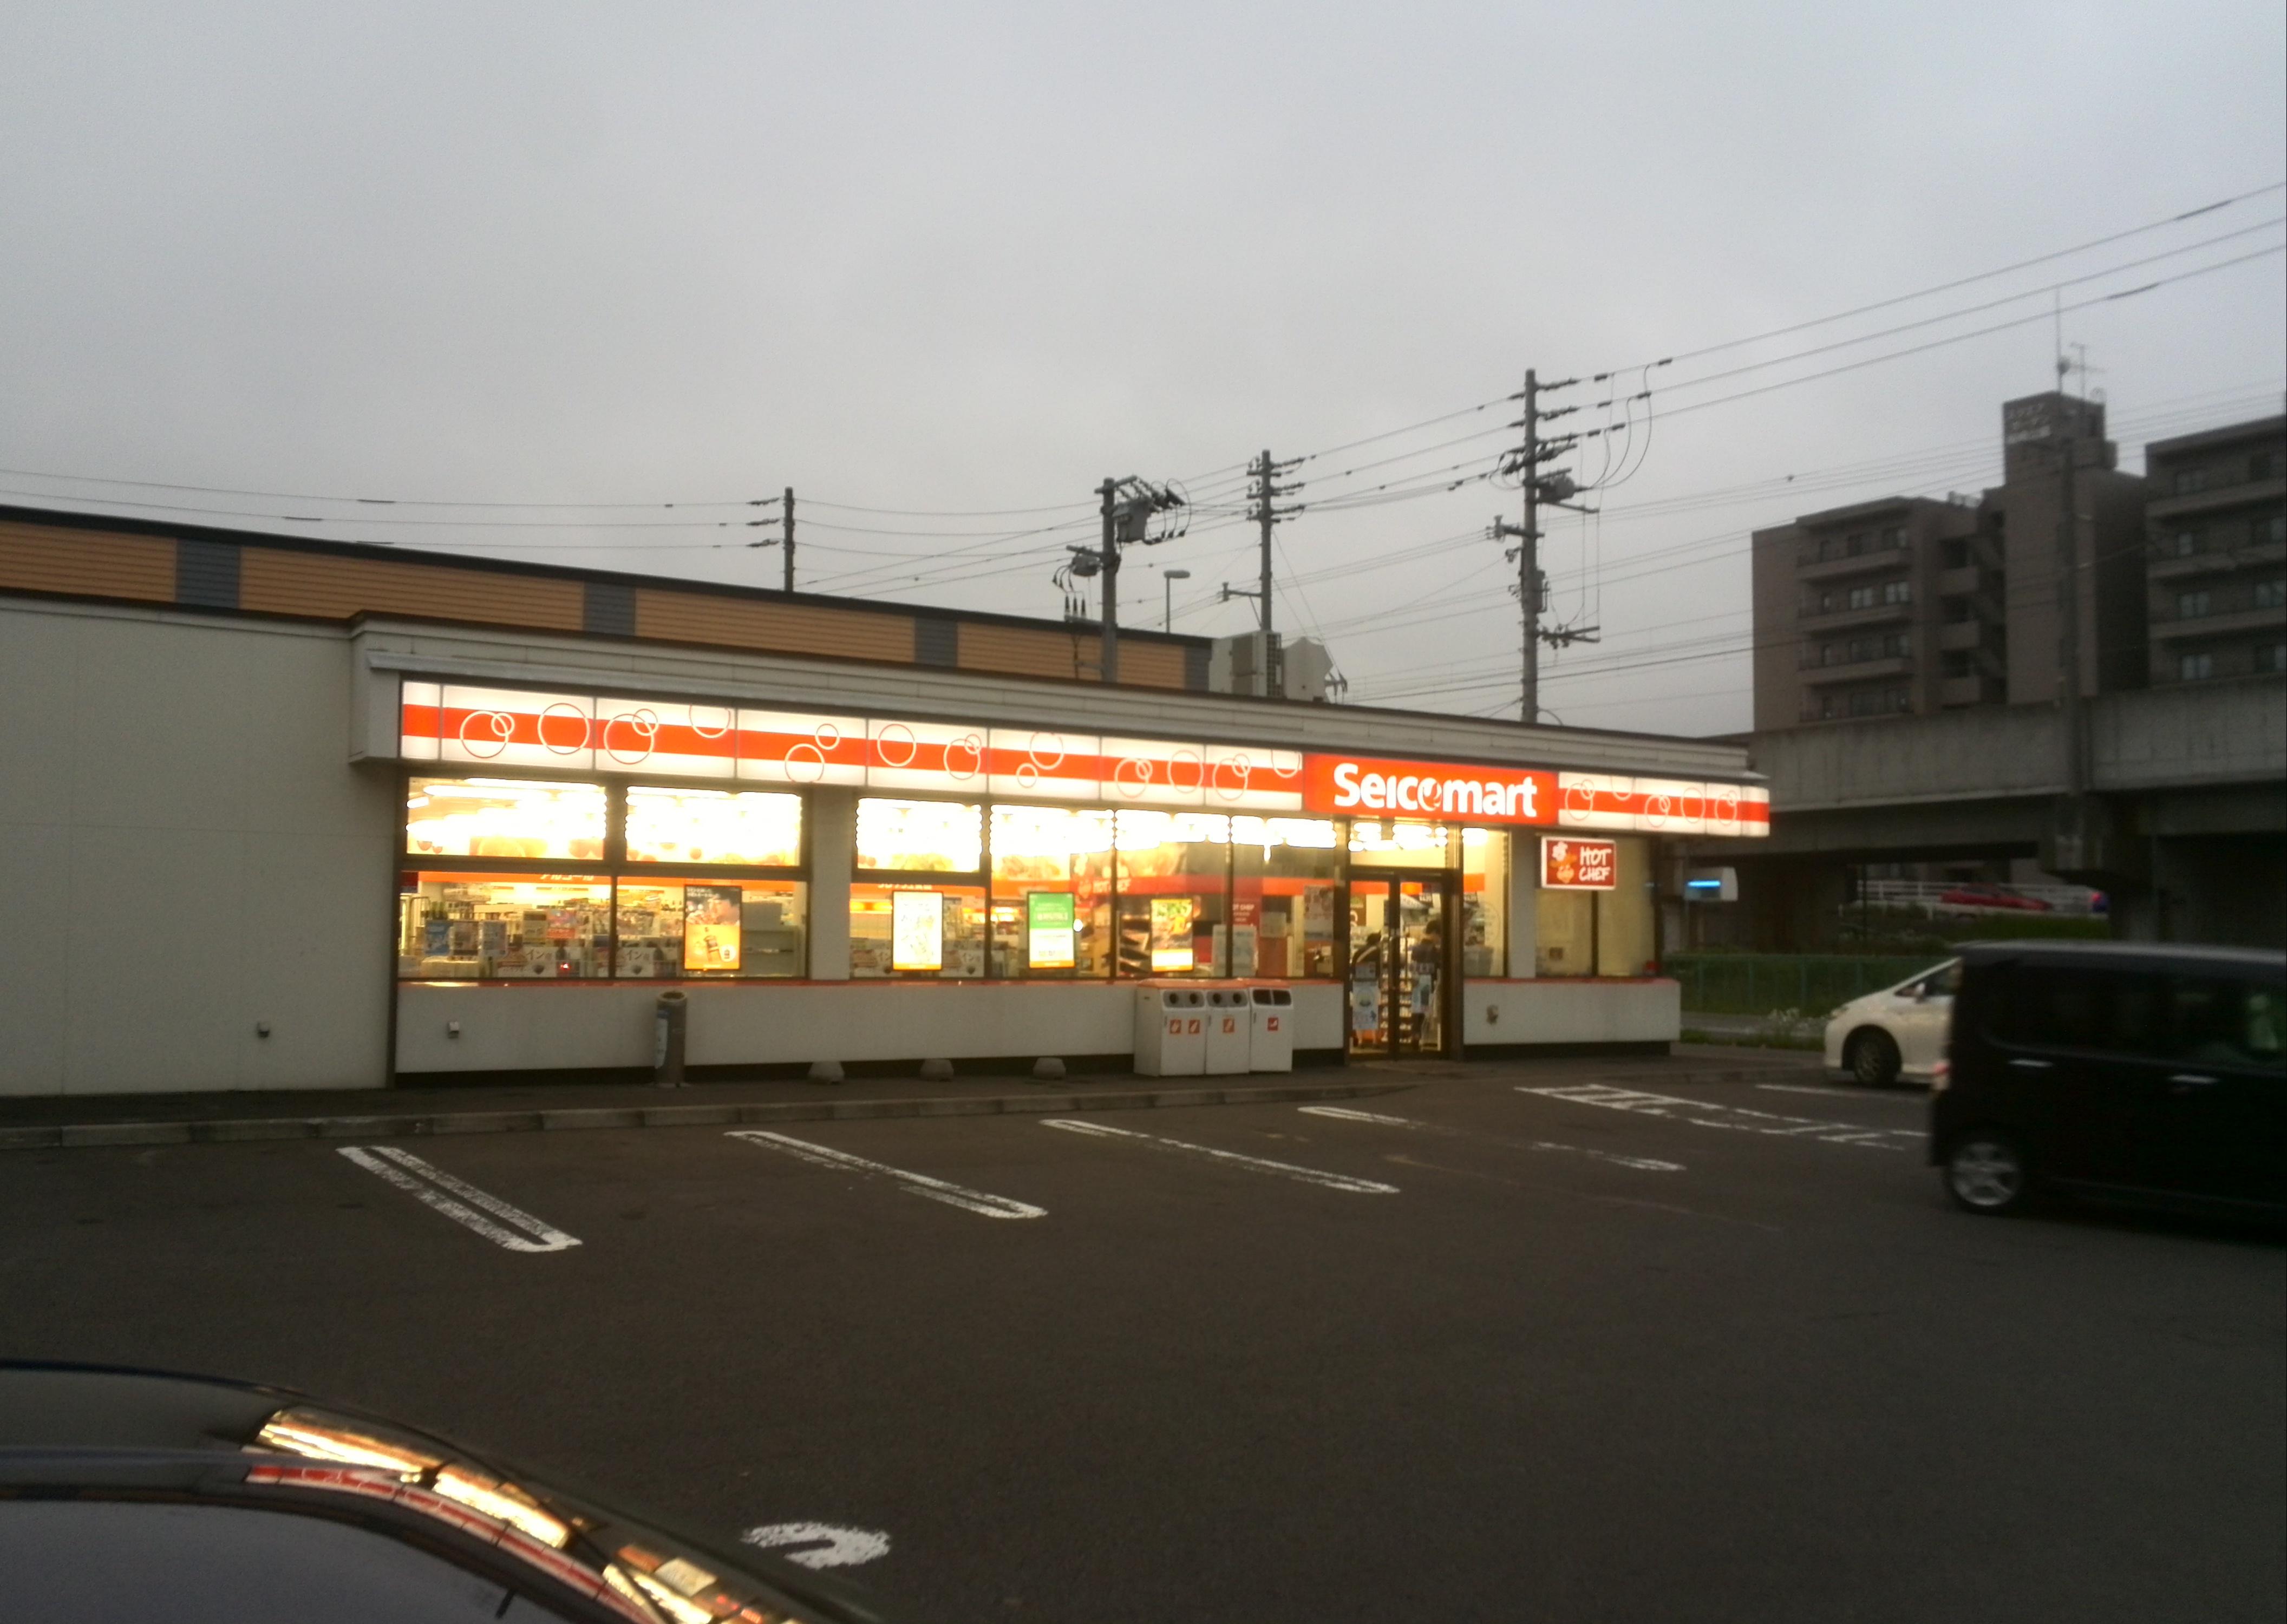 セイコーマートは北海道を中心に展開されたコンビニエンスストア